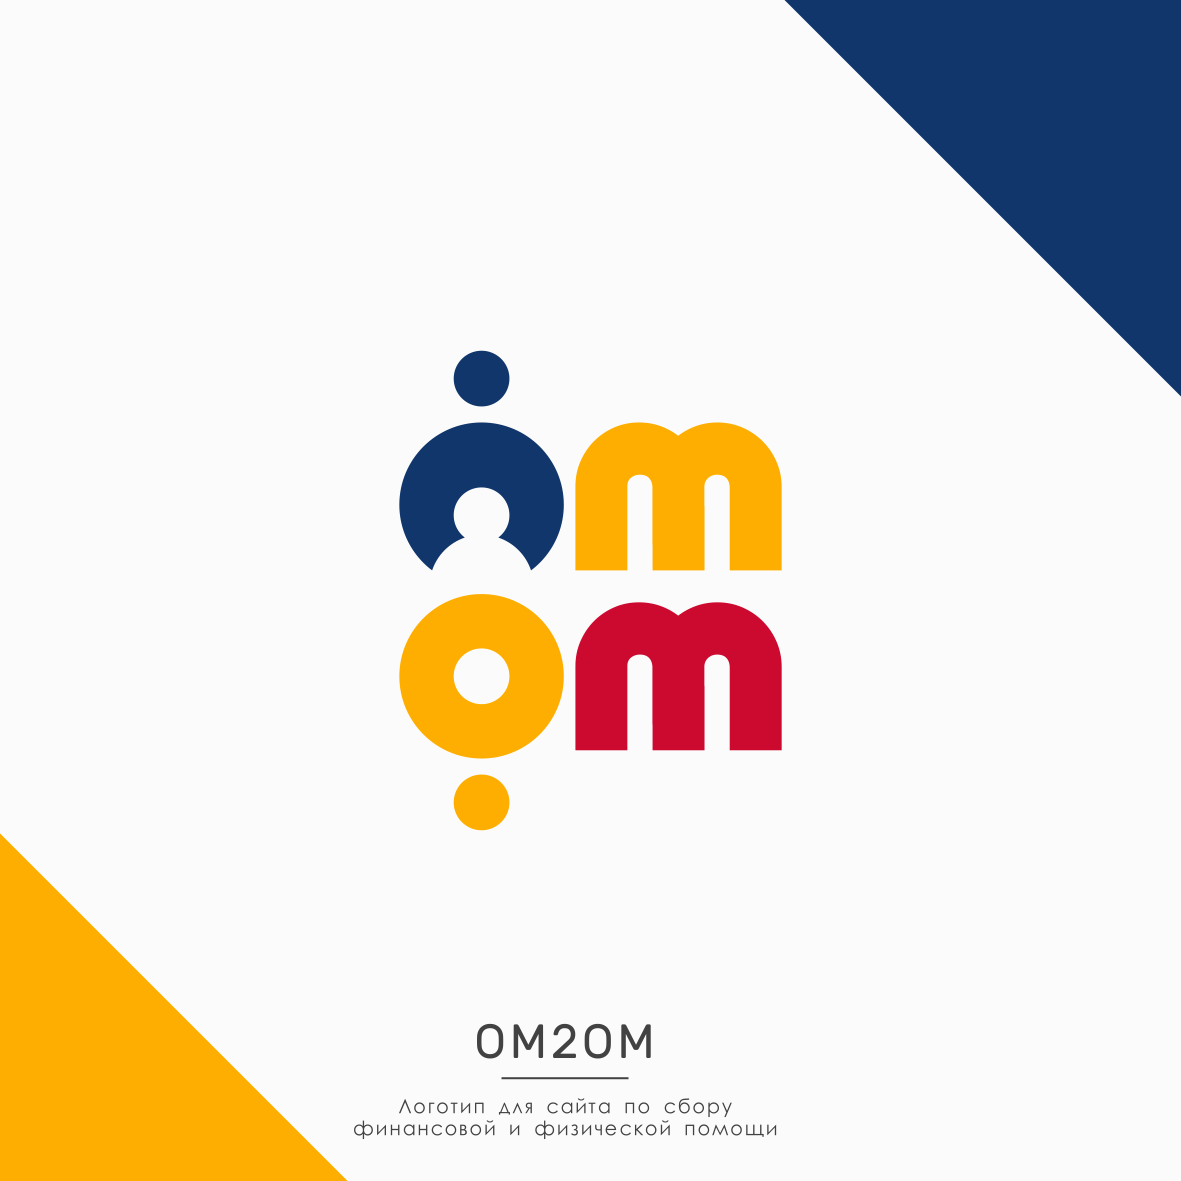 Разработка логотипа для краудфандинговой платформы om2om.md фото f_0595f5f0189ed6cf.png